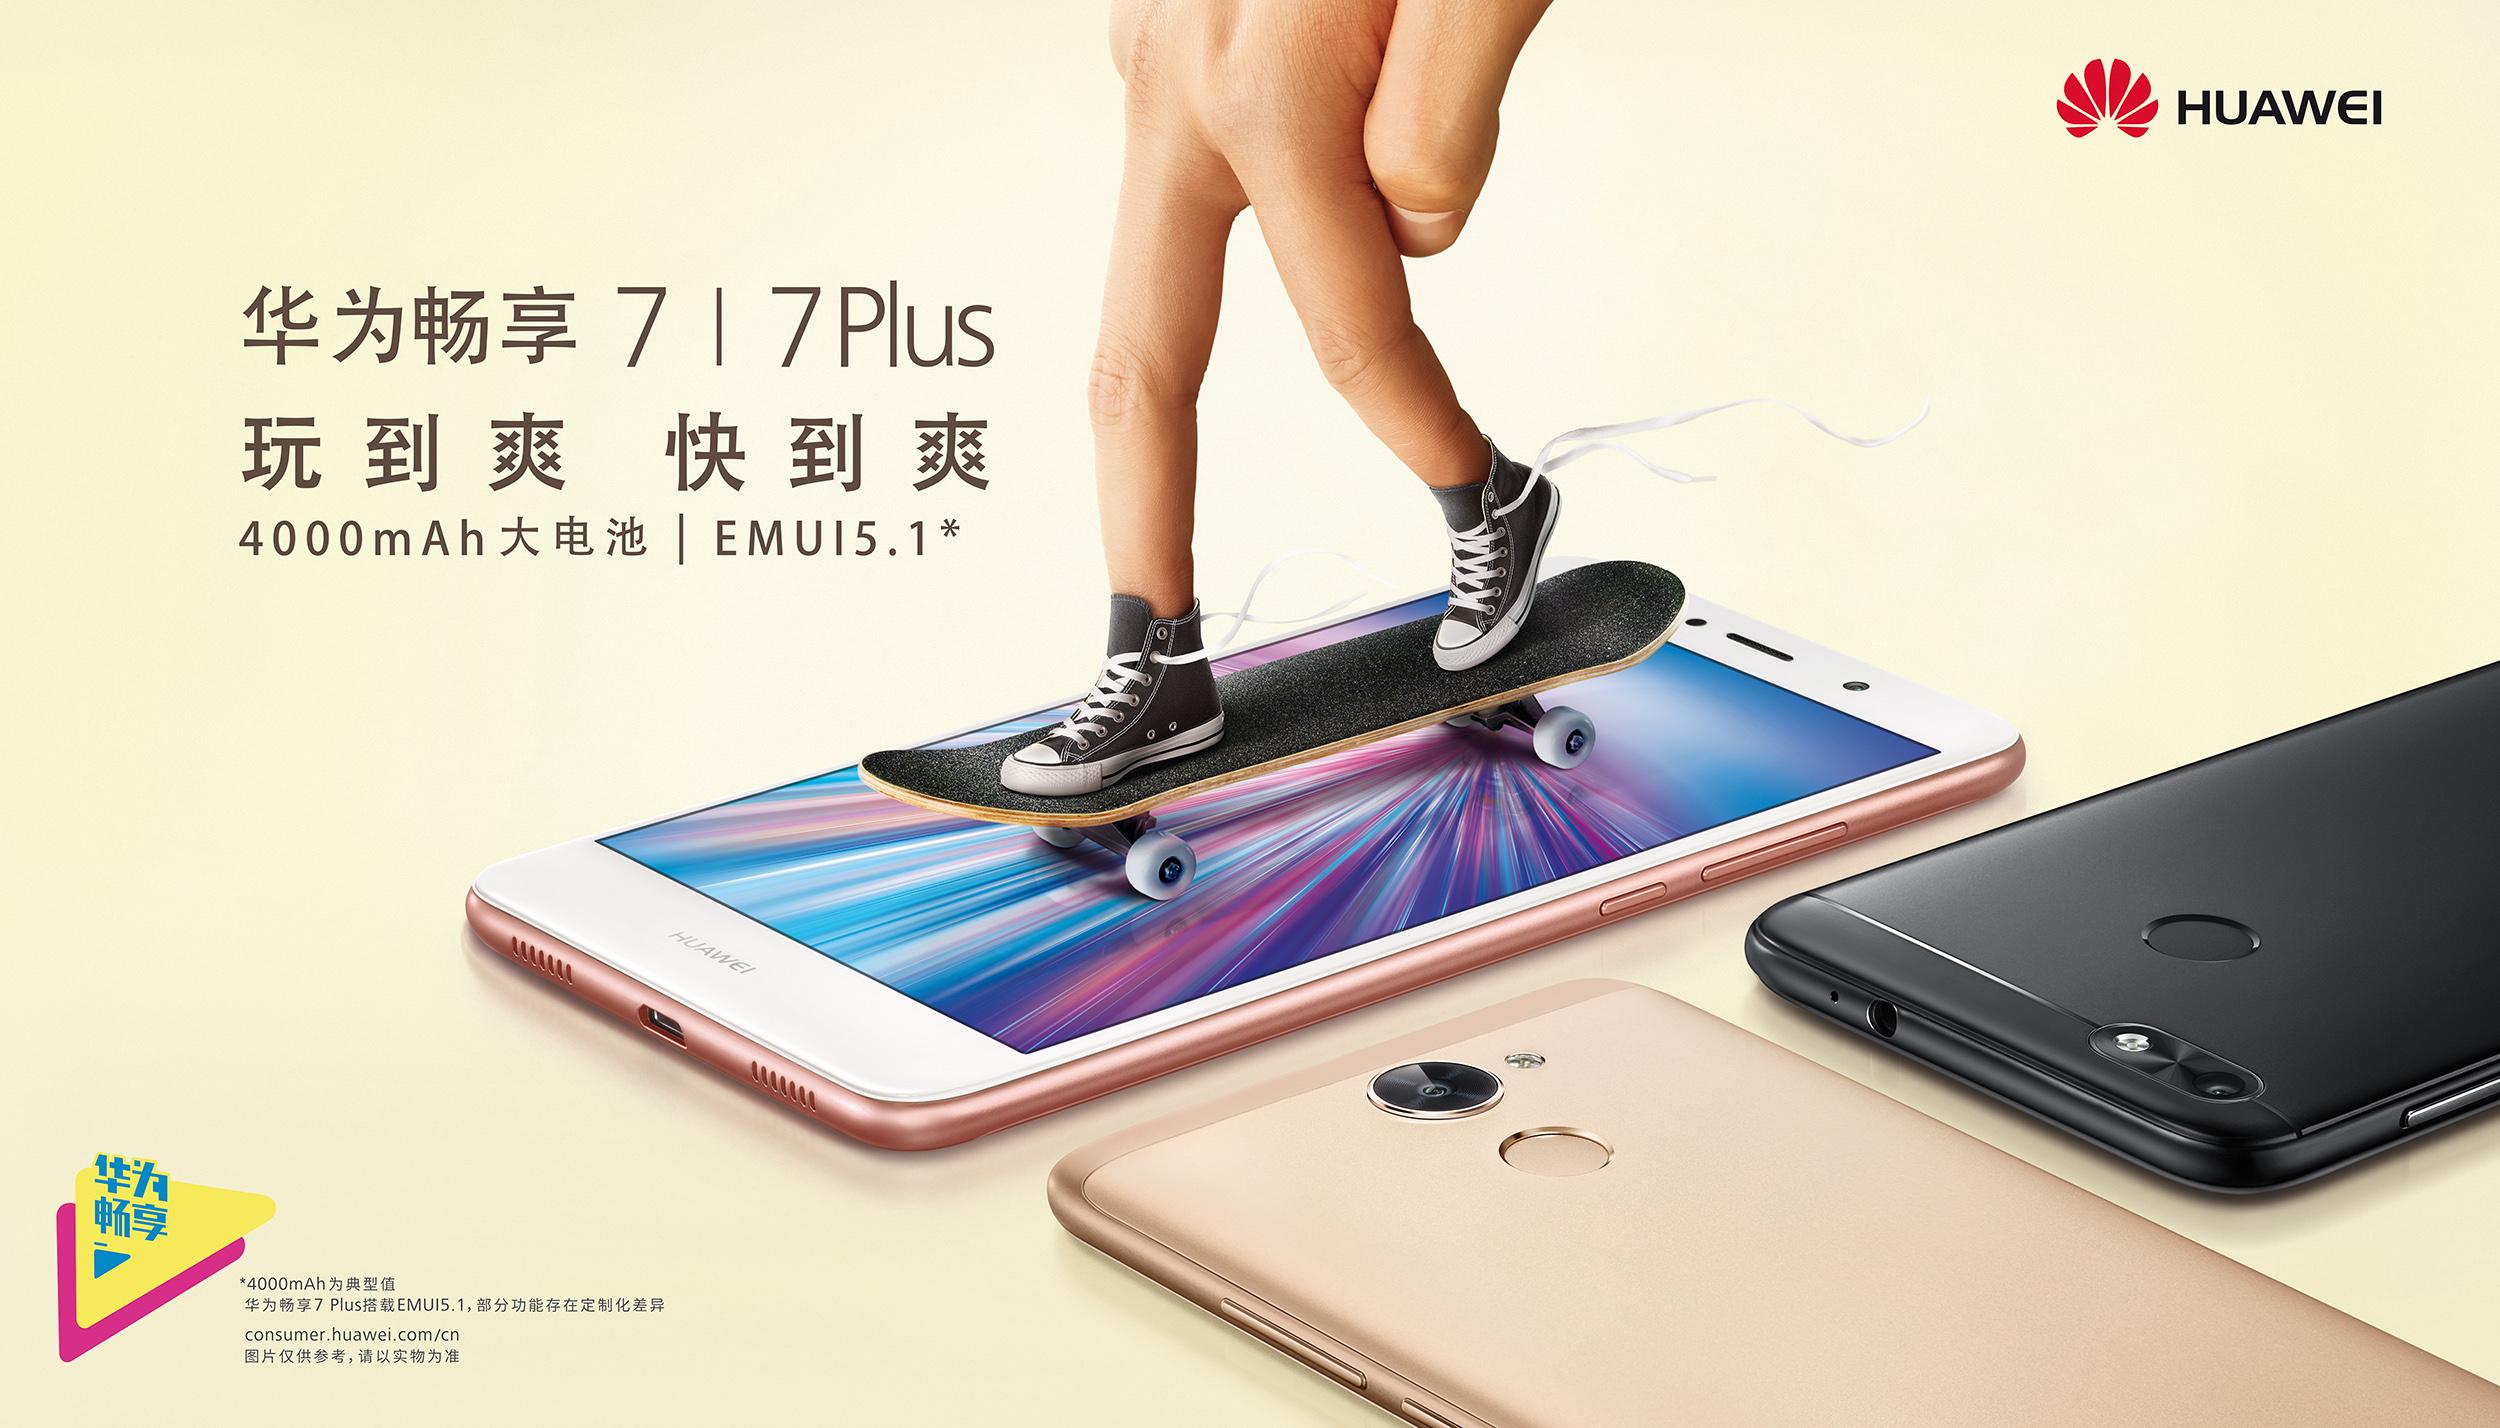 Huawei_Changxiang_skateboard